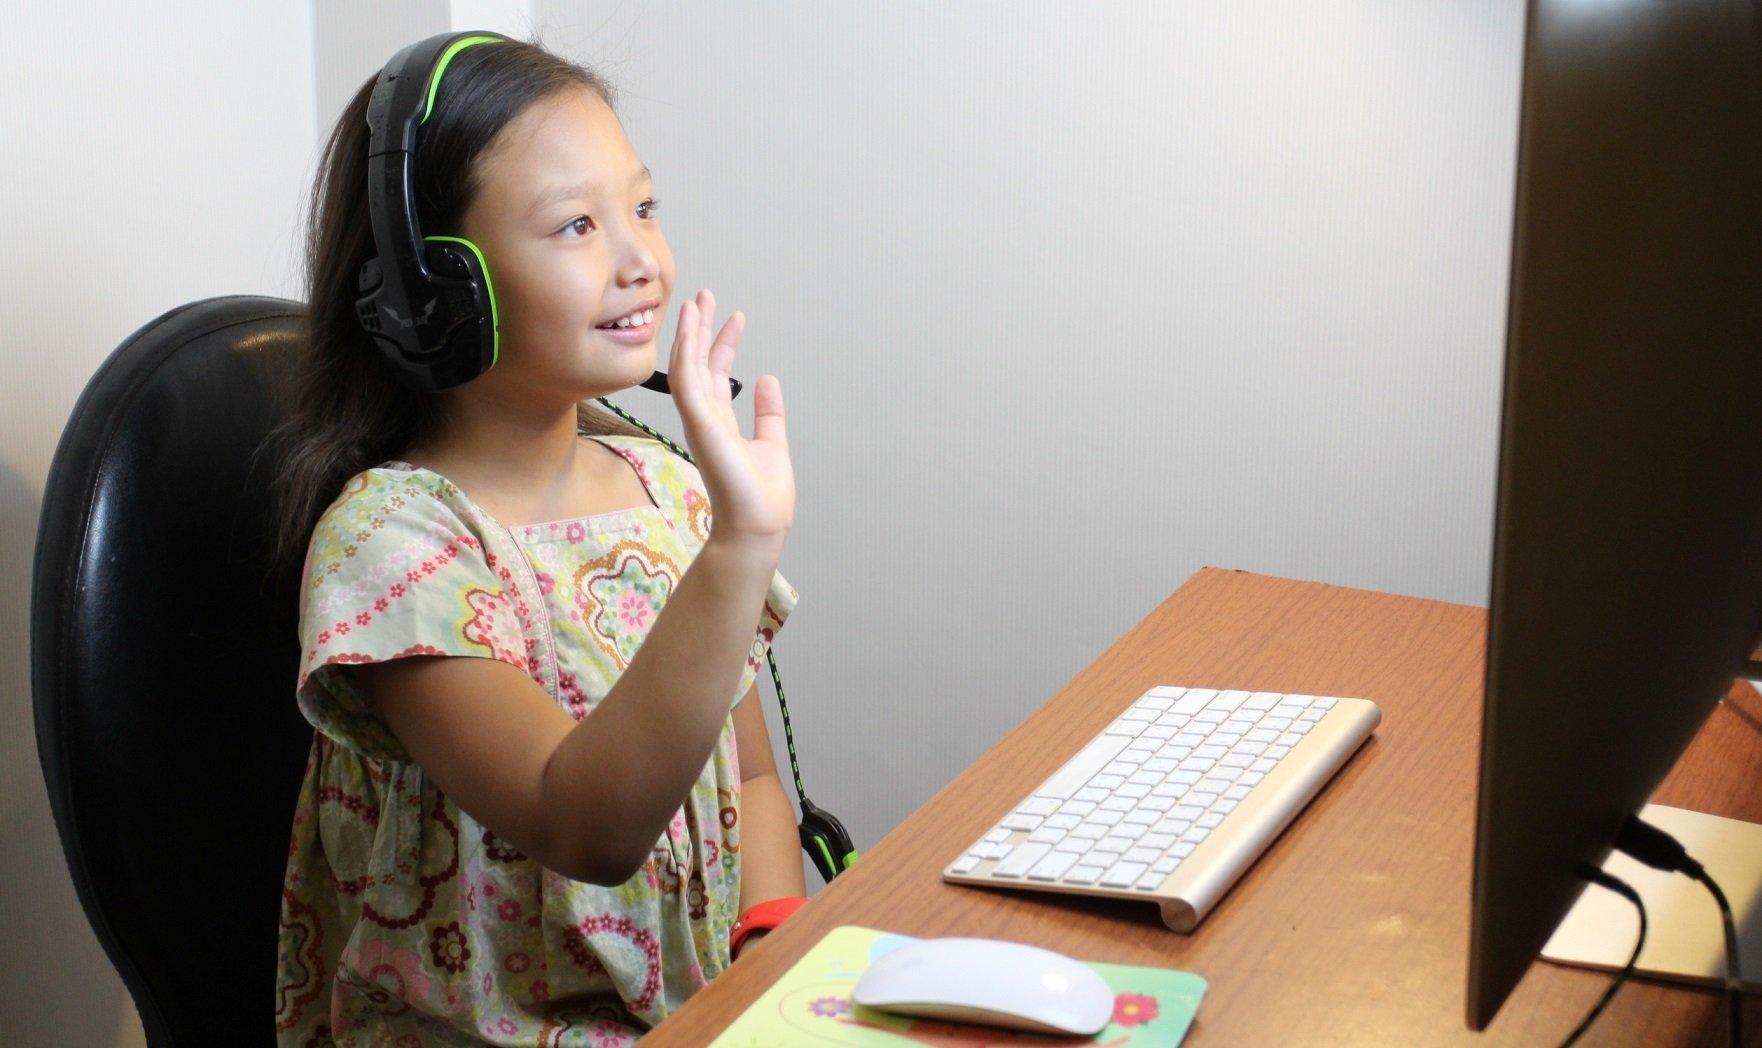 English Gang เปิดตัวการเรียนการสอนทางออนไลน์ในประเทศไทย 2 -